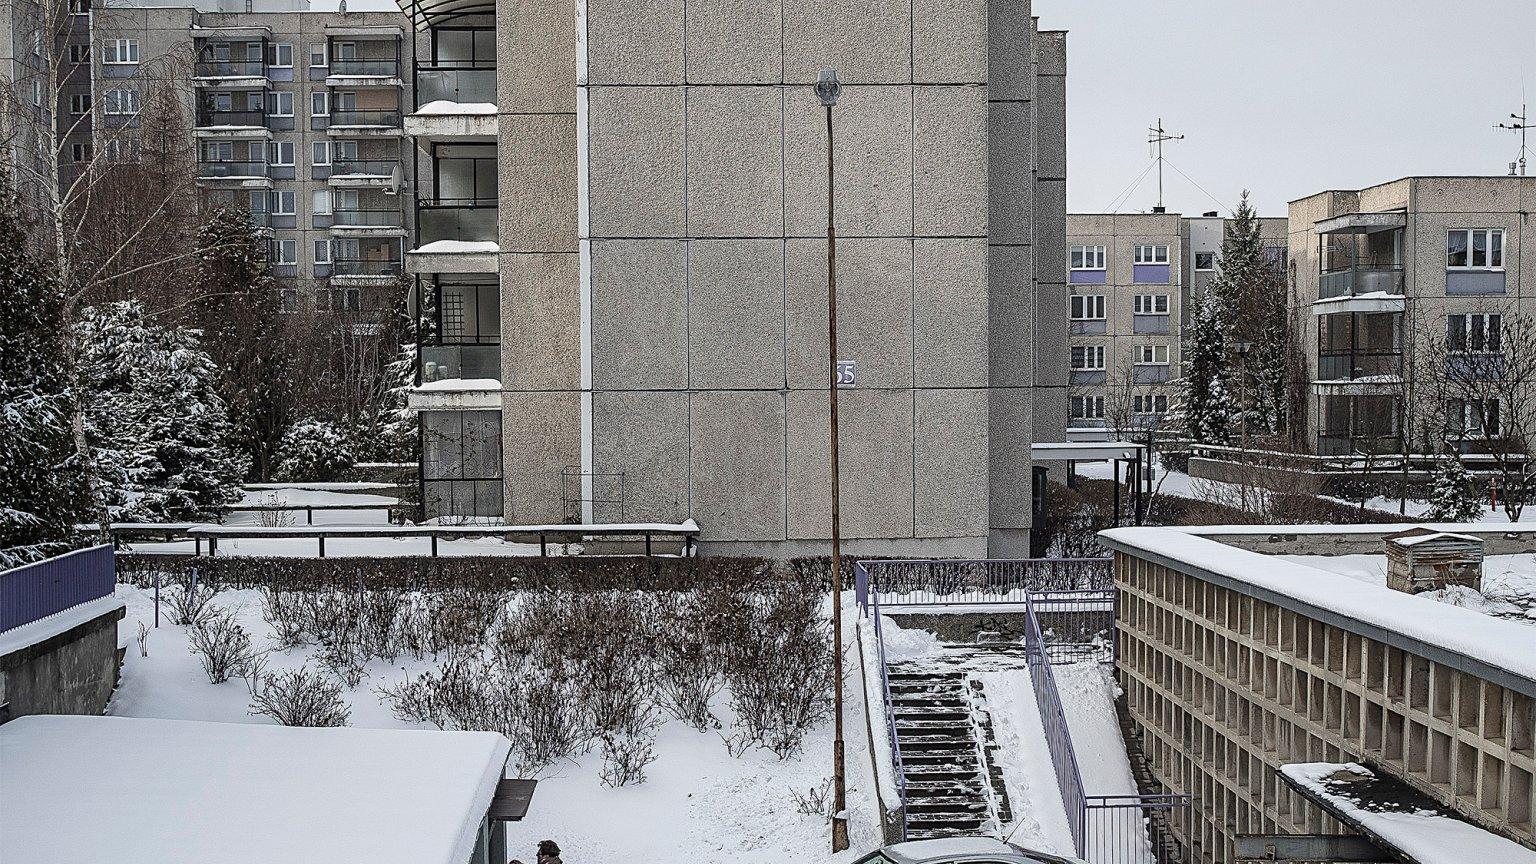 Osiedle Zamoyskiego